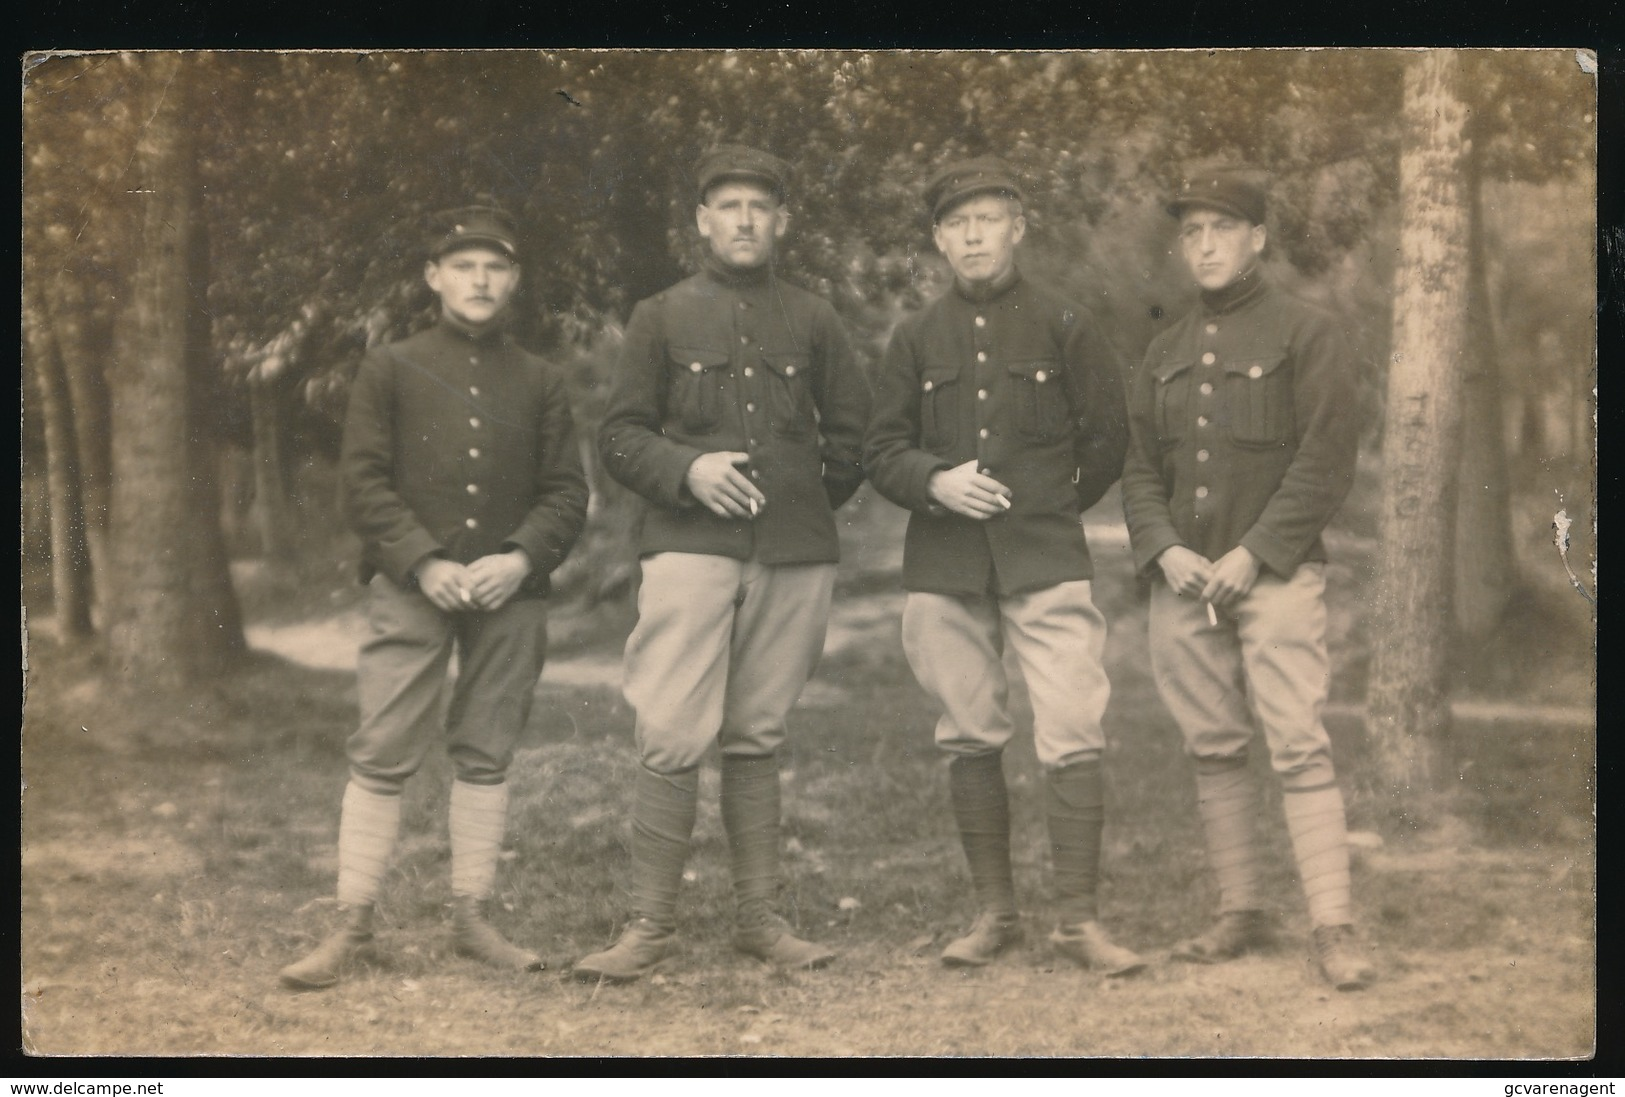 UDEN - VLUCHTOORD - FOTOKAART  -  UDEN  23 SEPT  1915 - 2 SCANS - Uden